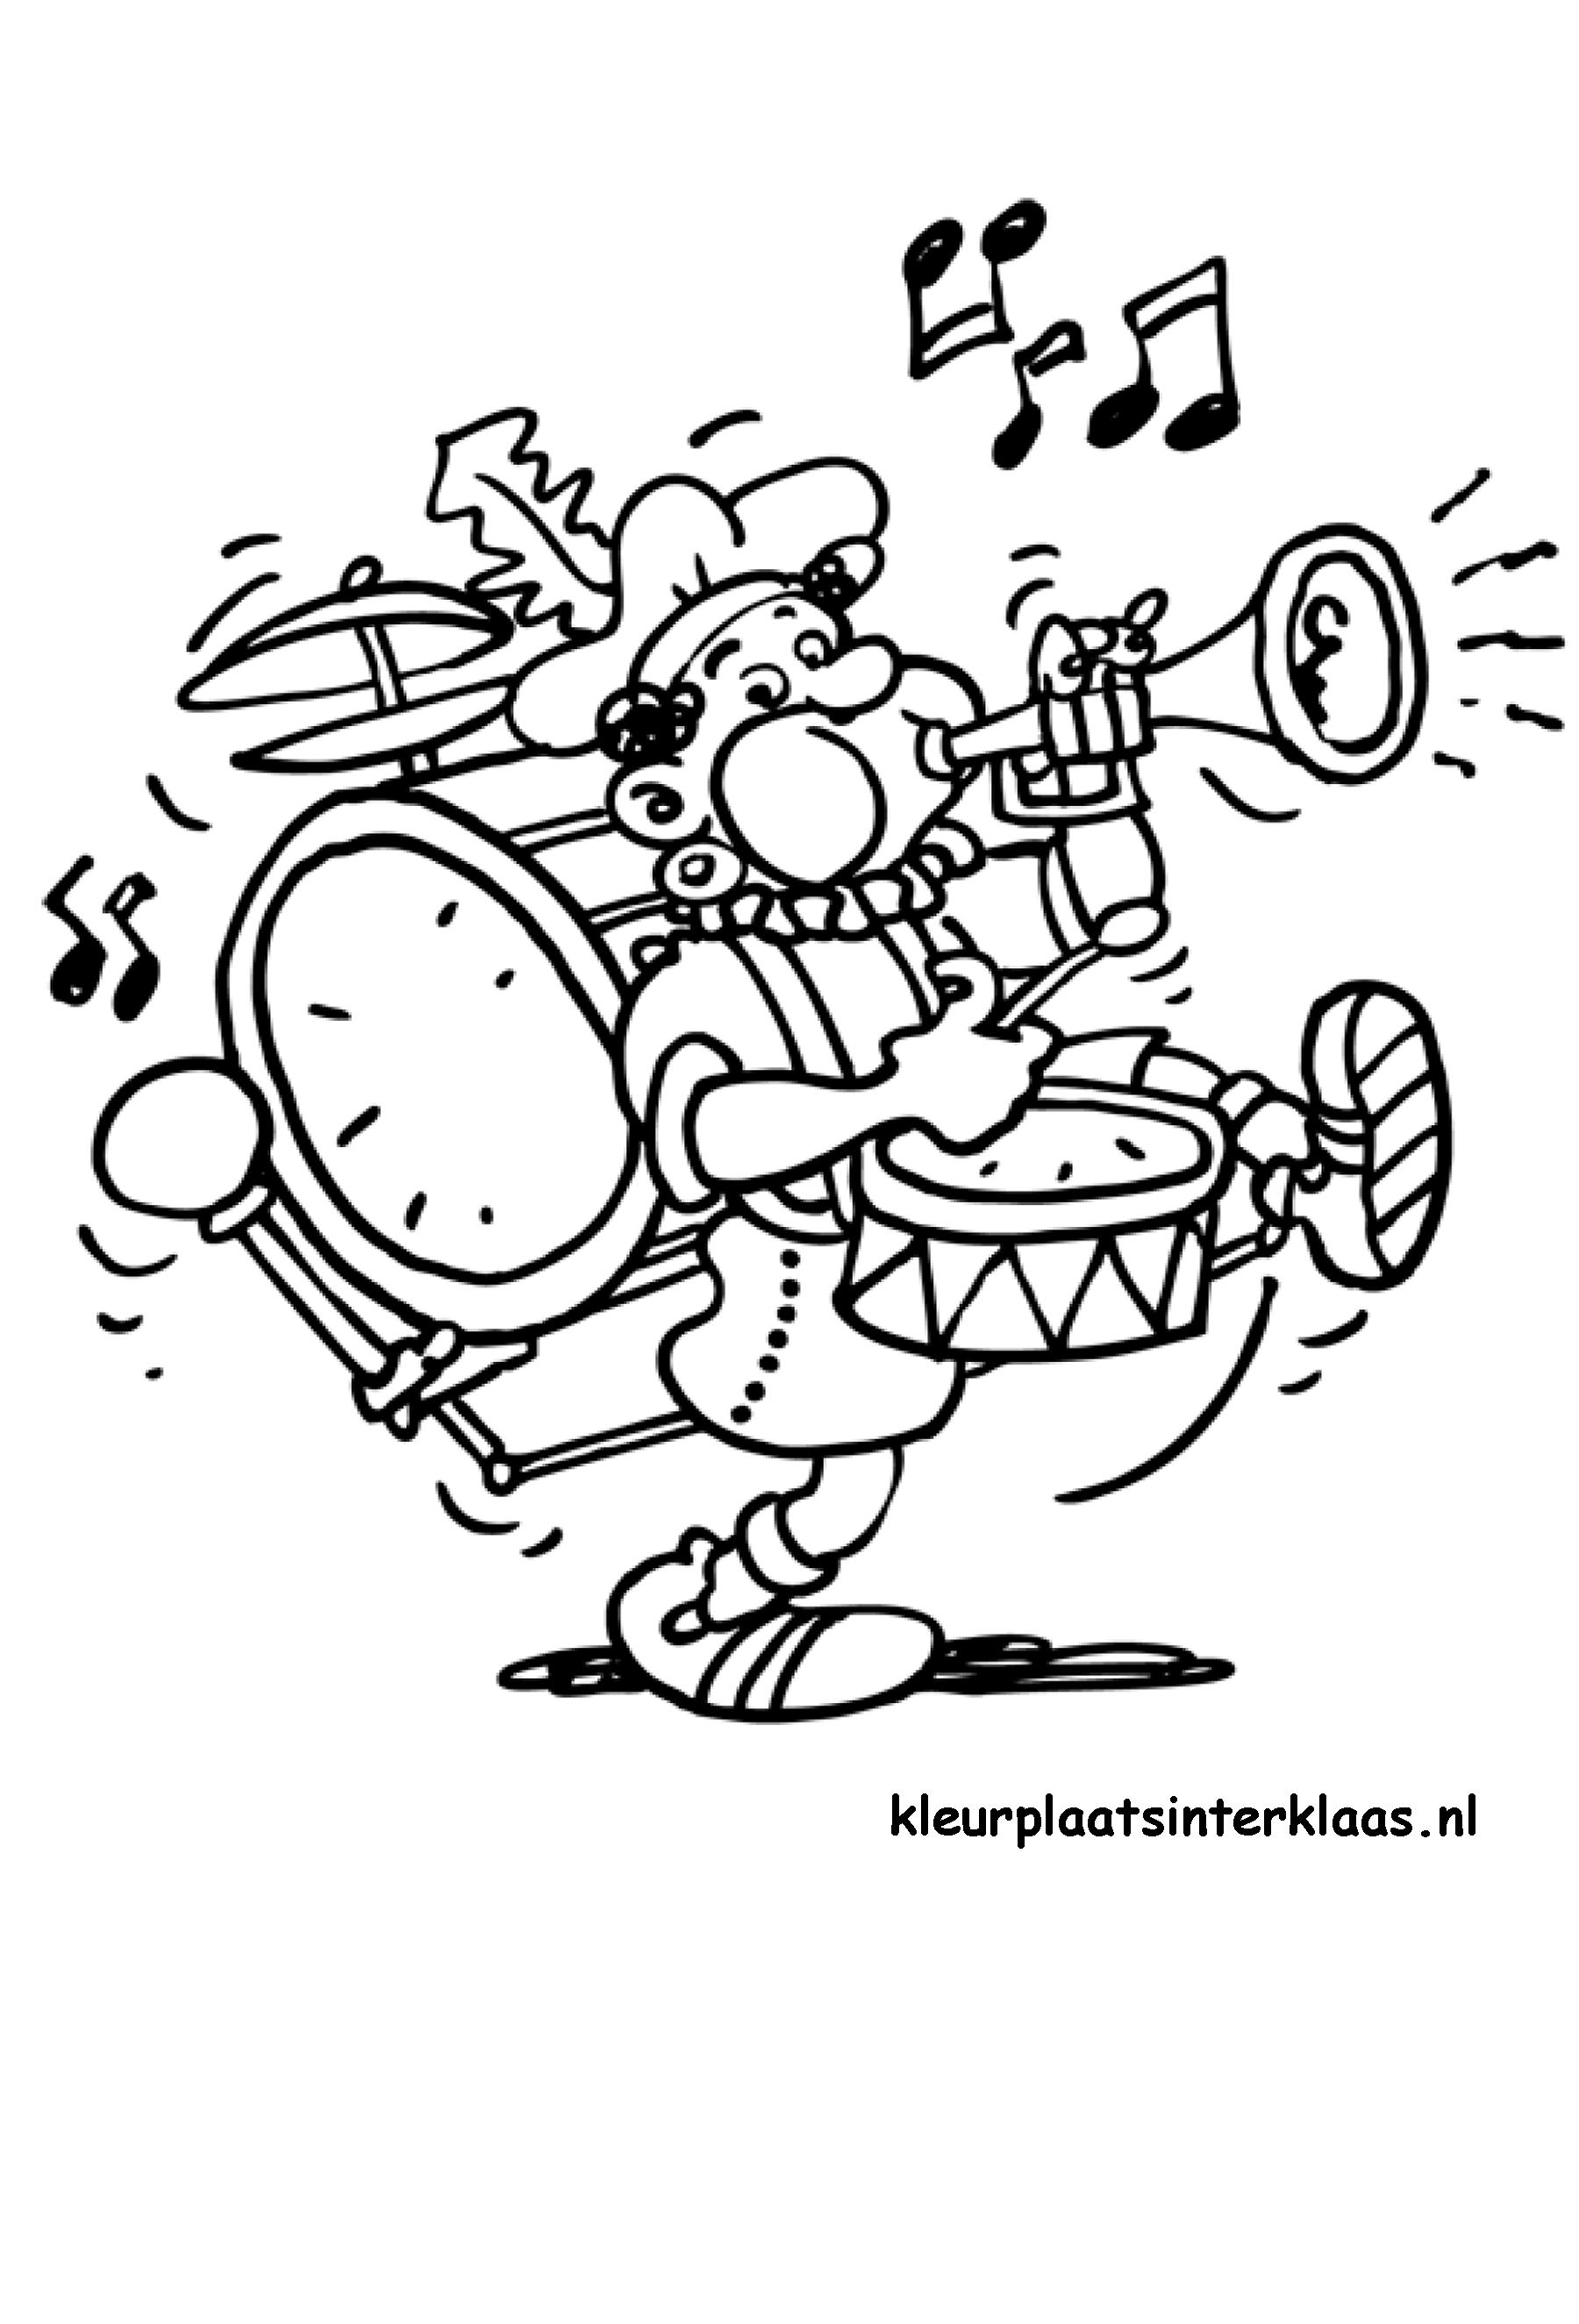 Geniaal Kleurplaten Zwarte Piet Op Fiets